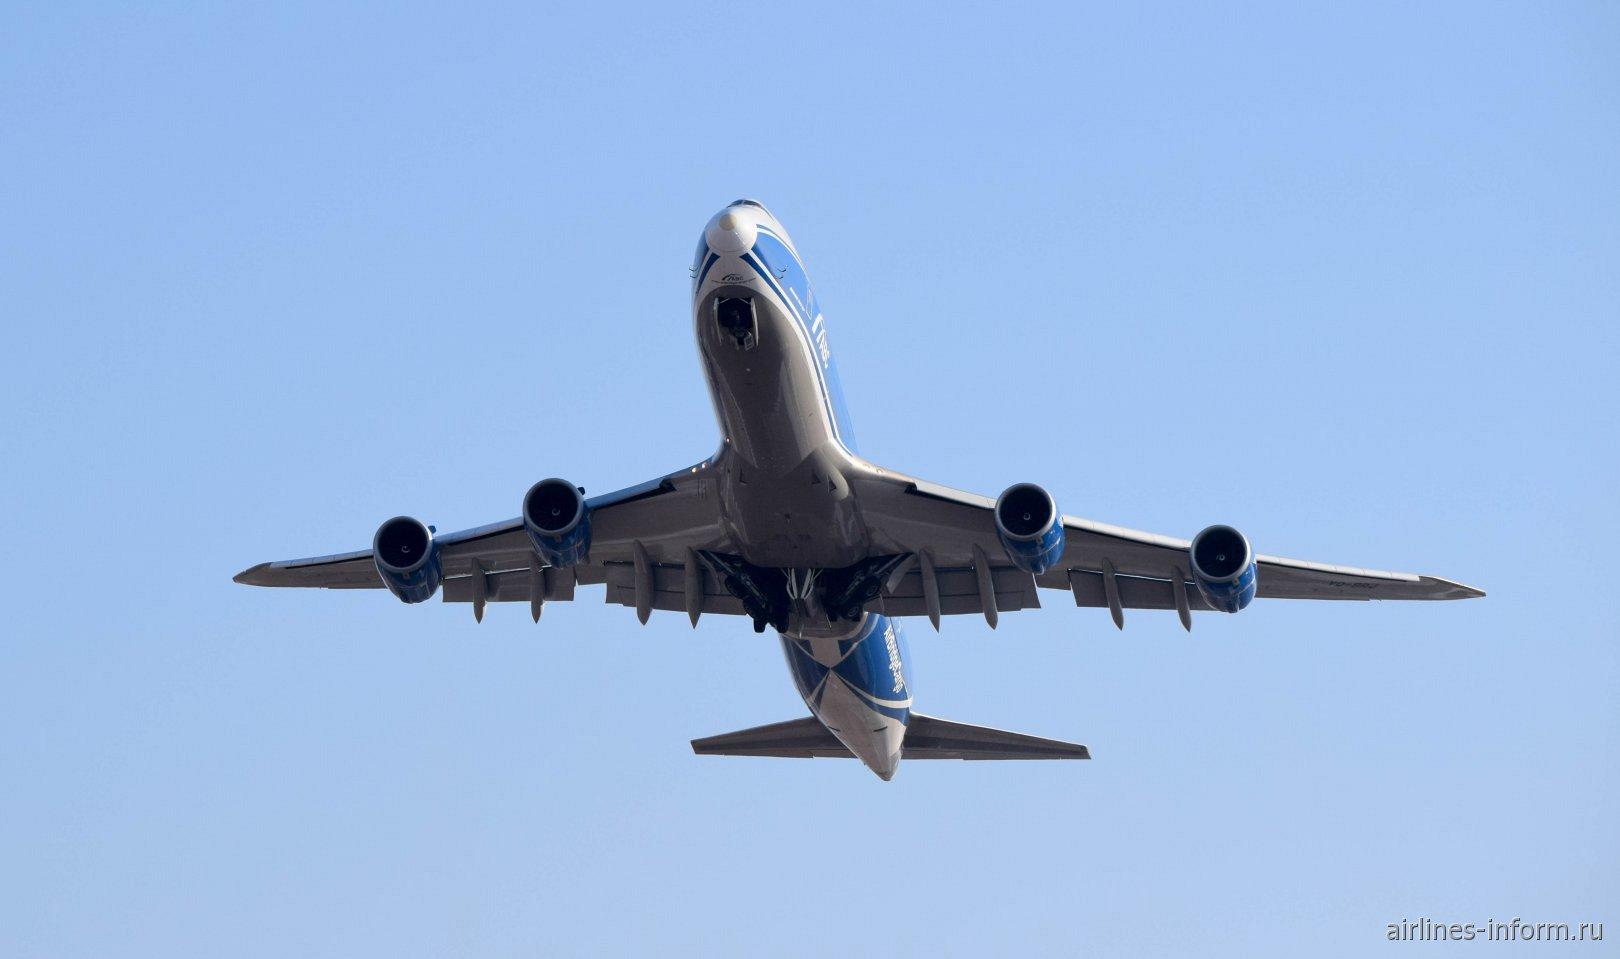 Взлет самолета Boeing 747-8HVF авиакомпании AirBridgeCargo, бортовой номер VQ-BRJ